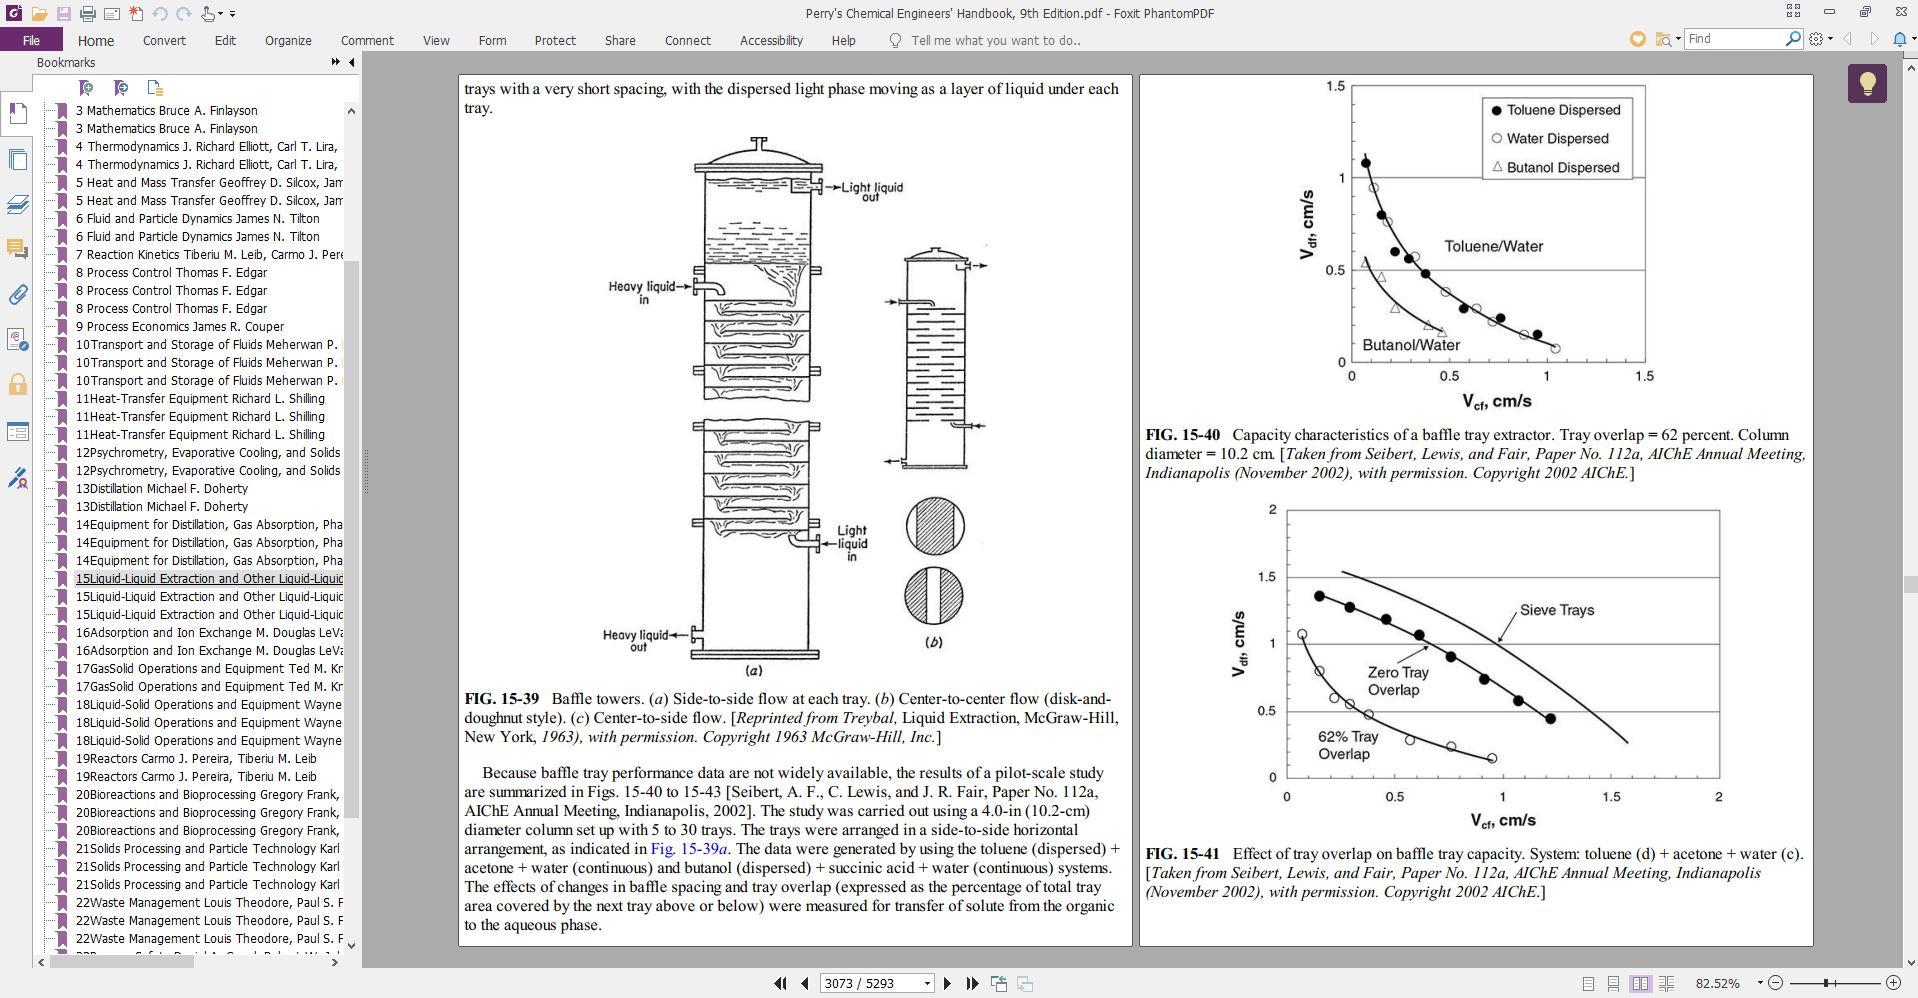 خرید و دانلود کتاب Perry's chemical engineers' handbook 2019